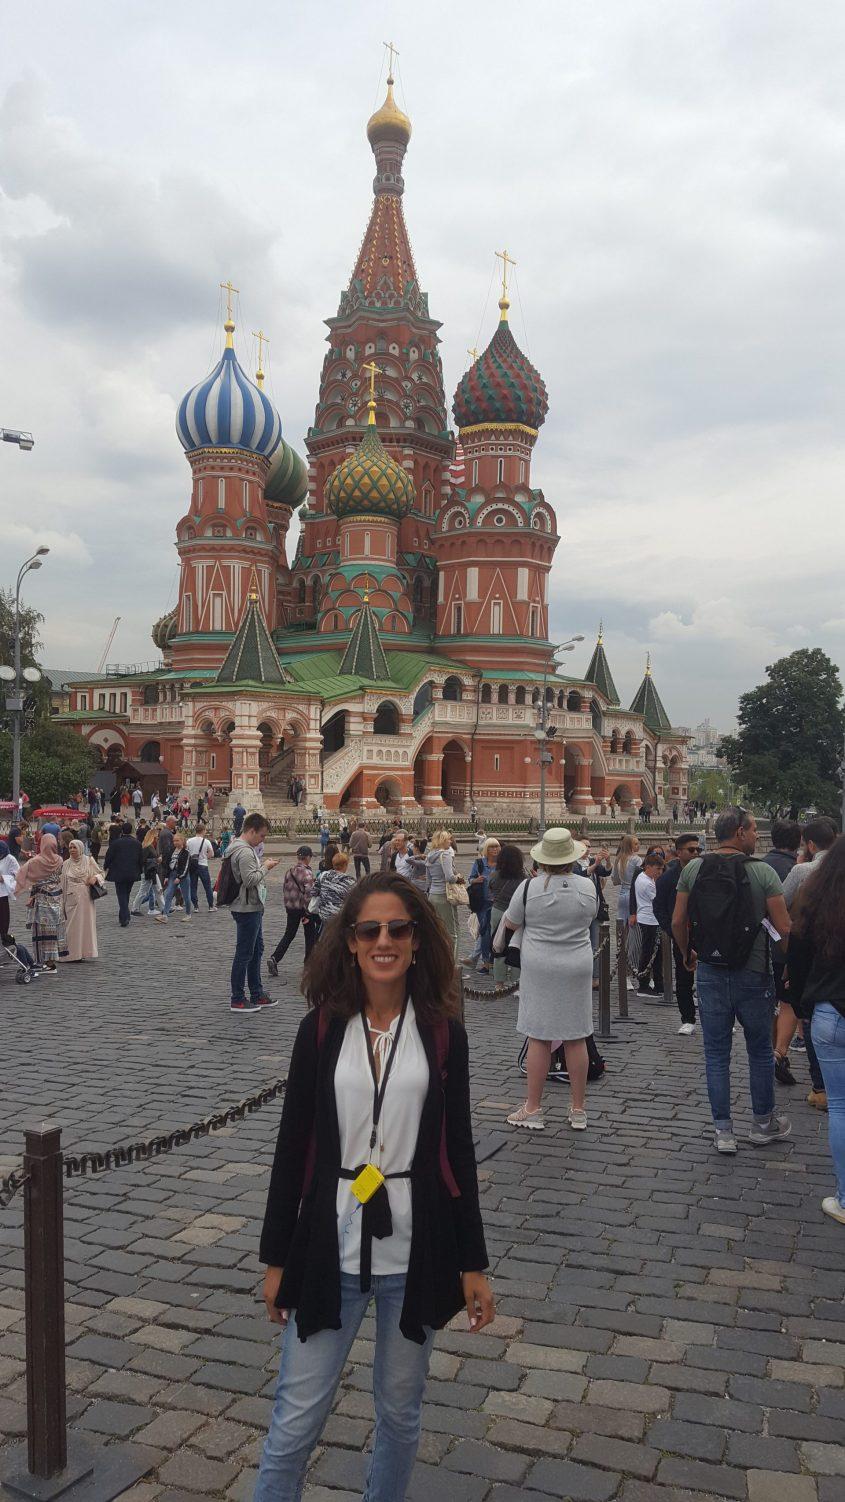 רותי זינדל-אוכמן ברוסיה (צילום: באדיבות רותי זינדל-אוכמן)